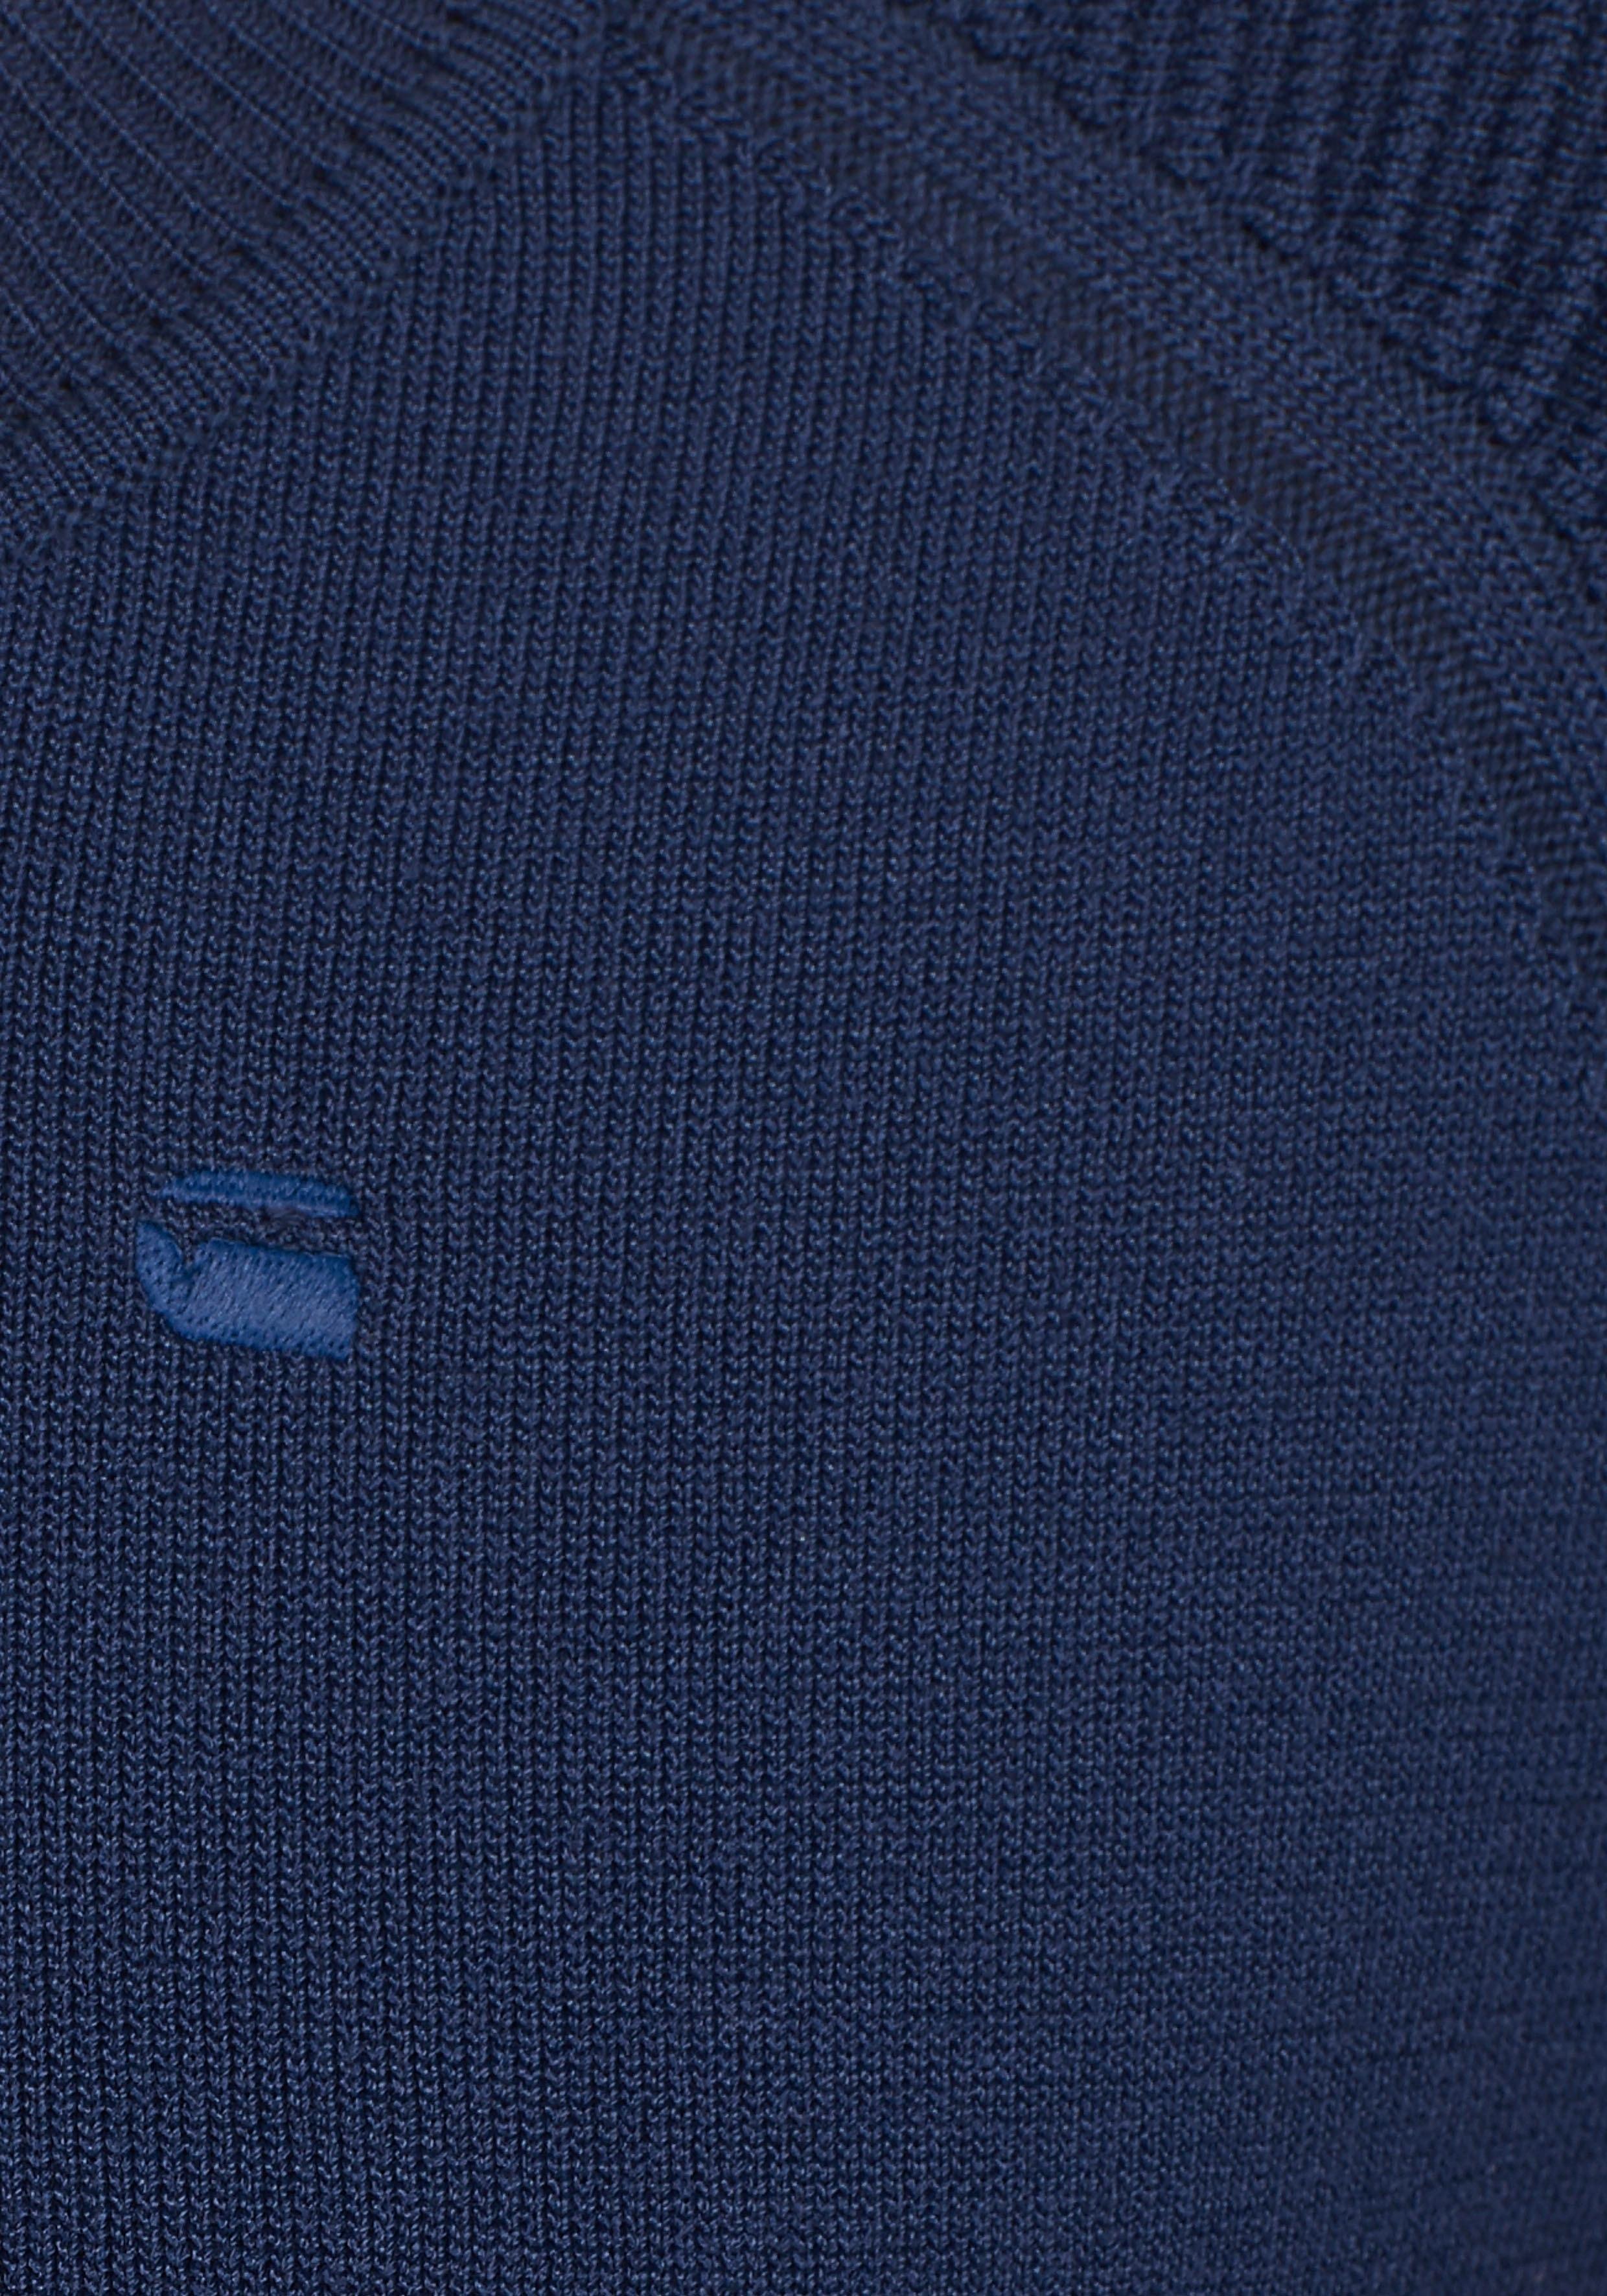 G-Star RAW trui met ronde hals »Suzaki r knit wmn l s,« online ... c420fba59db0